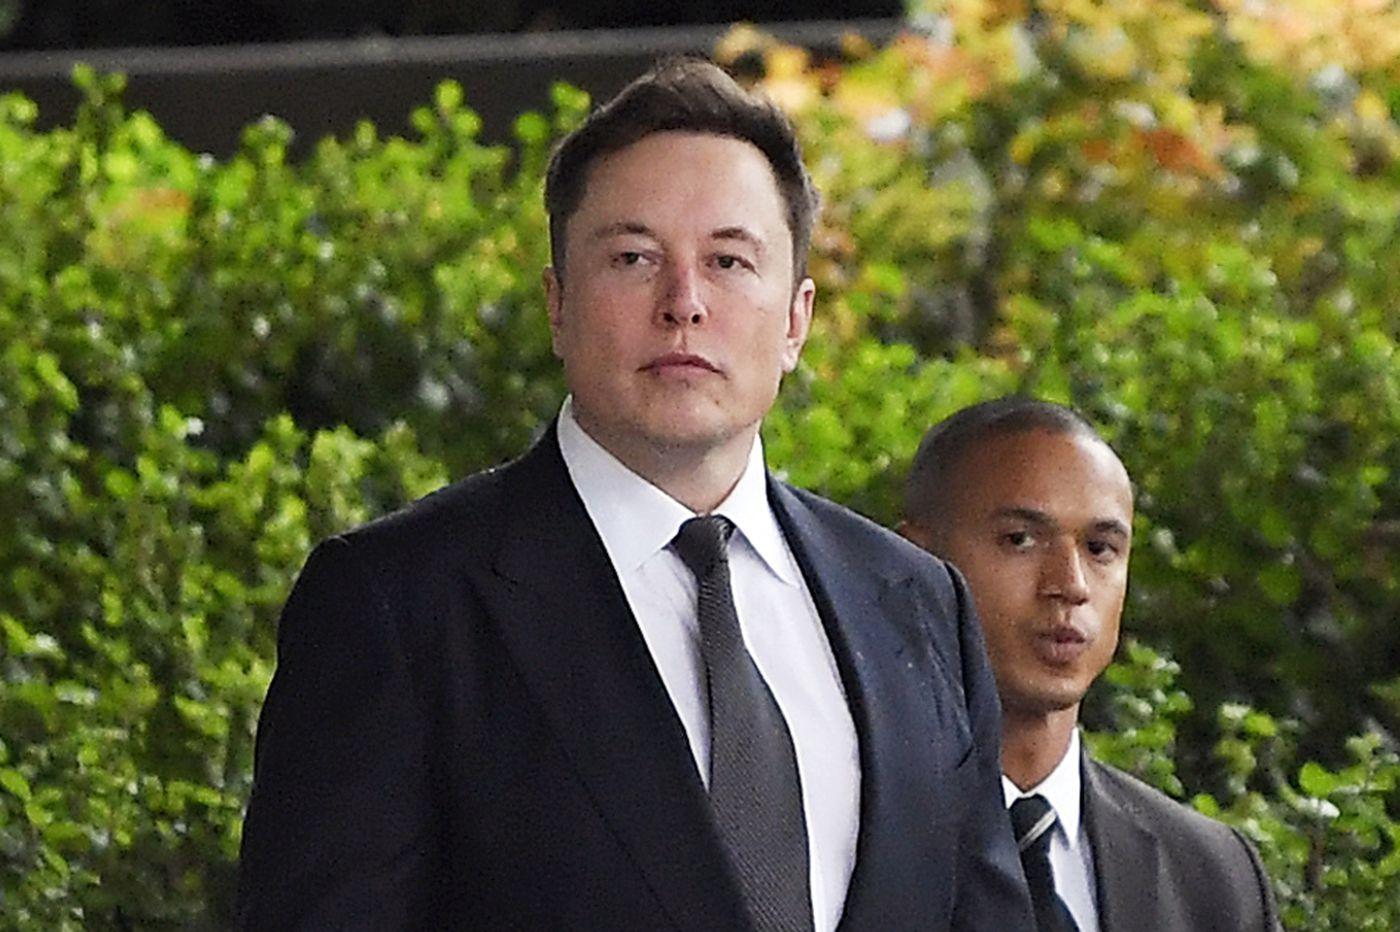 Elon Musk cleared of defamation in 'pedo guy' tweet trial